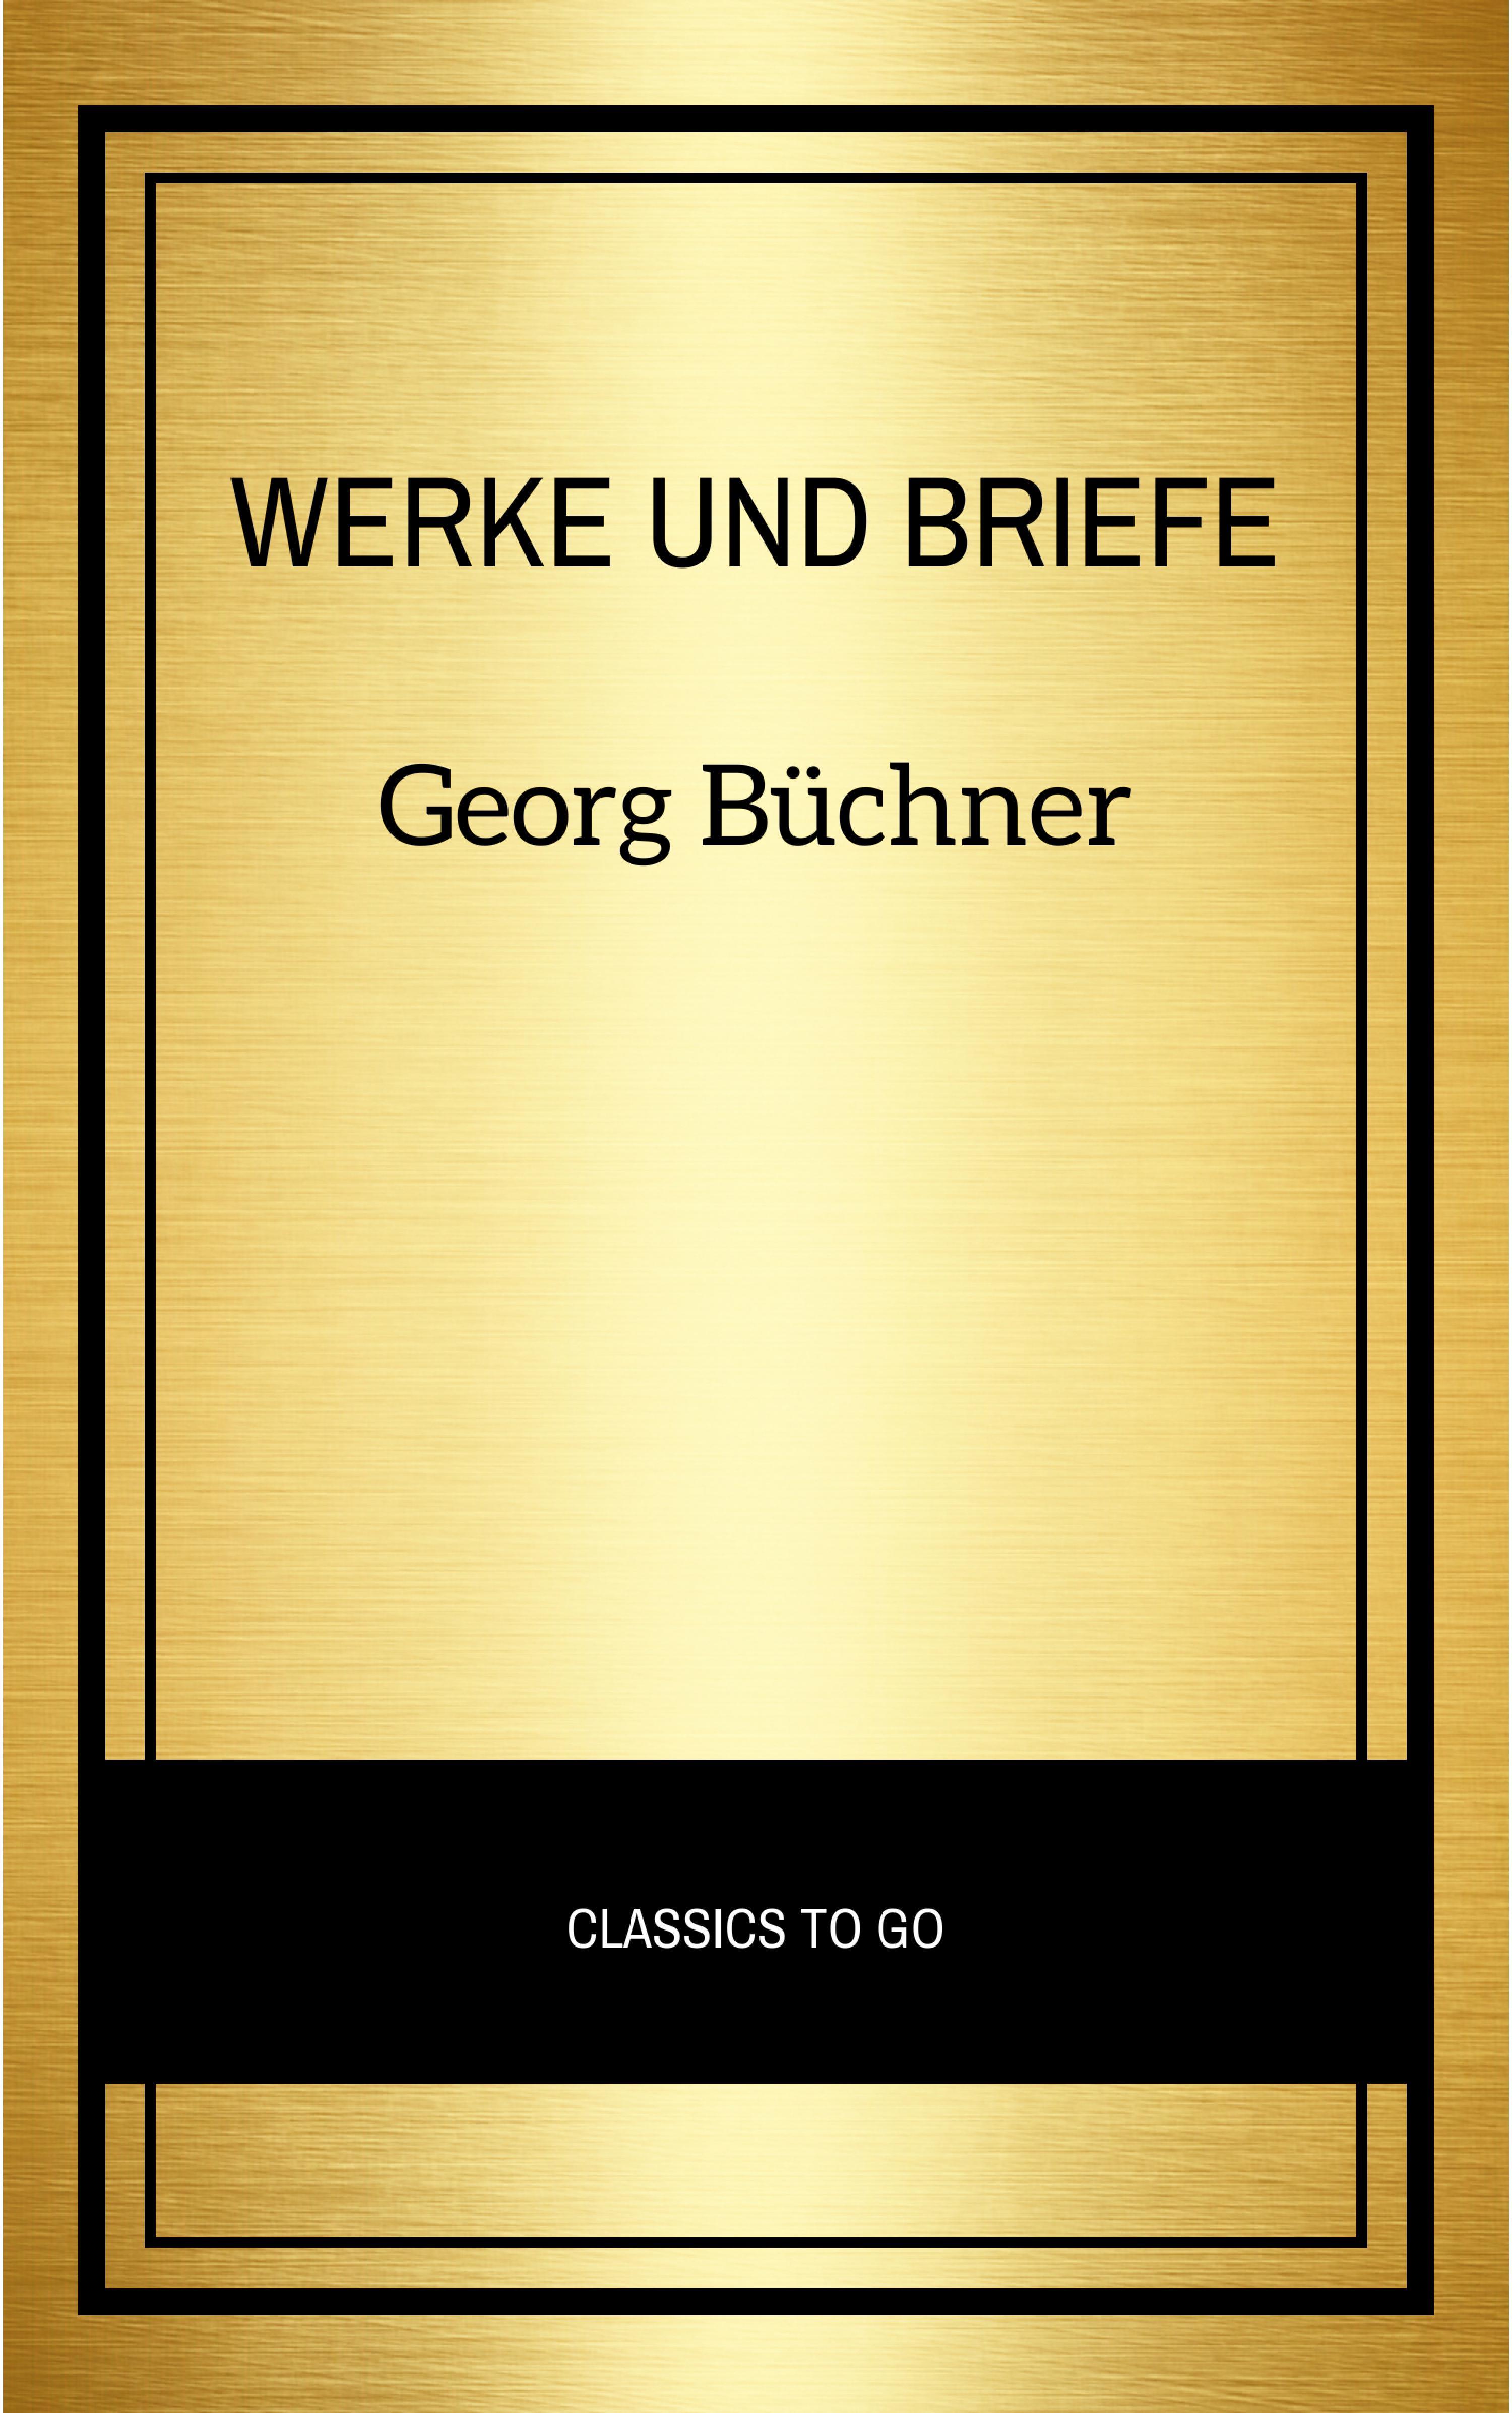 Georg Büchner Georg Büchner: Werke Und Briefe